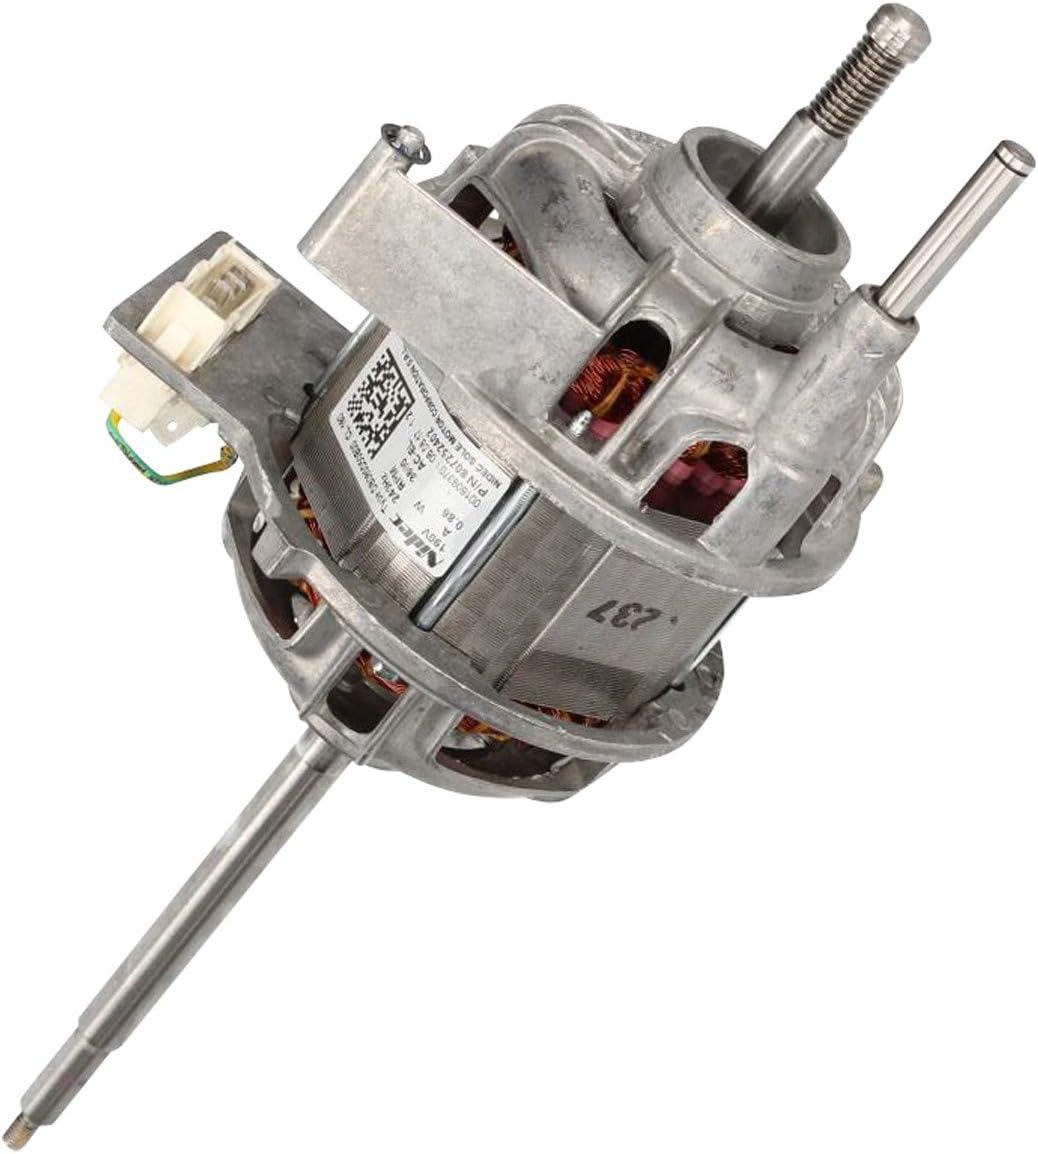 Motor secadora 8072524021 Electrolux AEG, EZANKER, FAURE, ZANUSSI ...